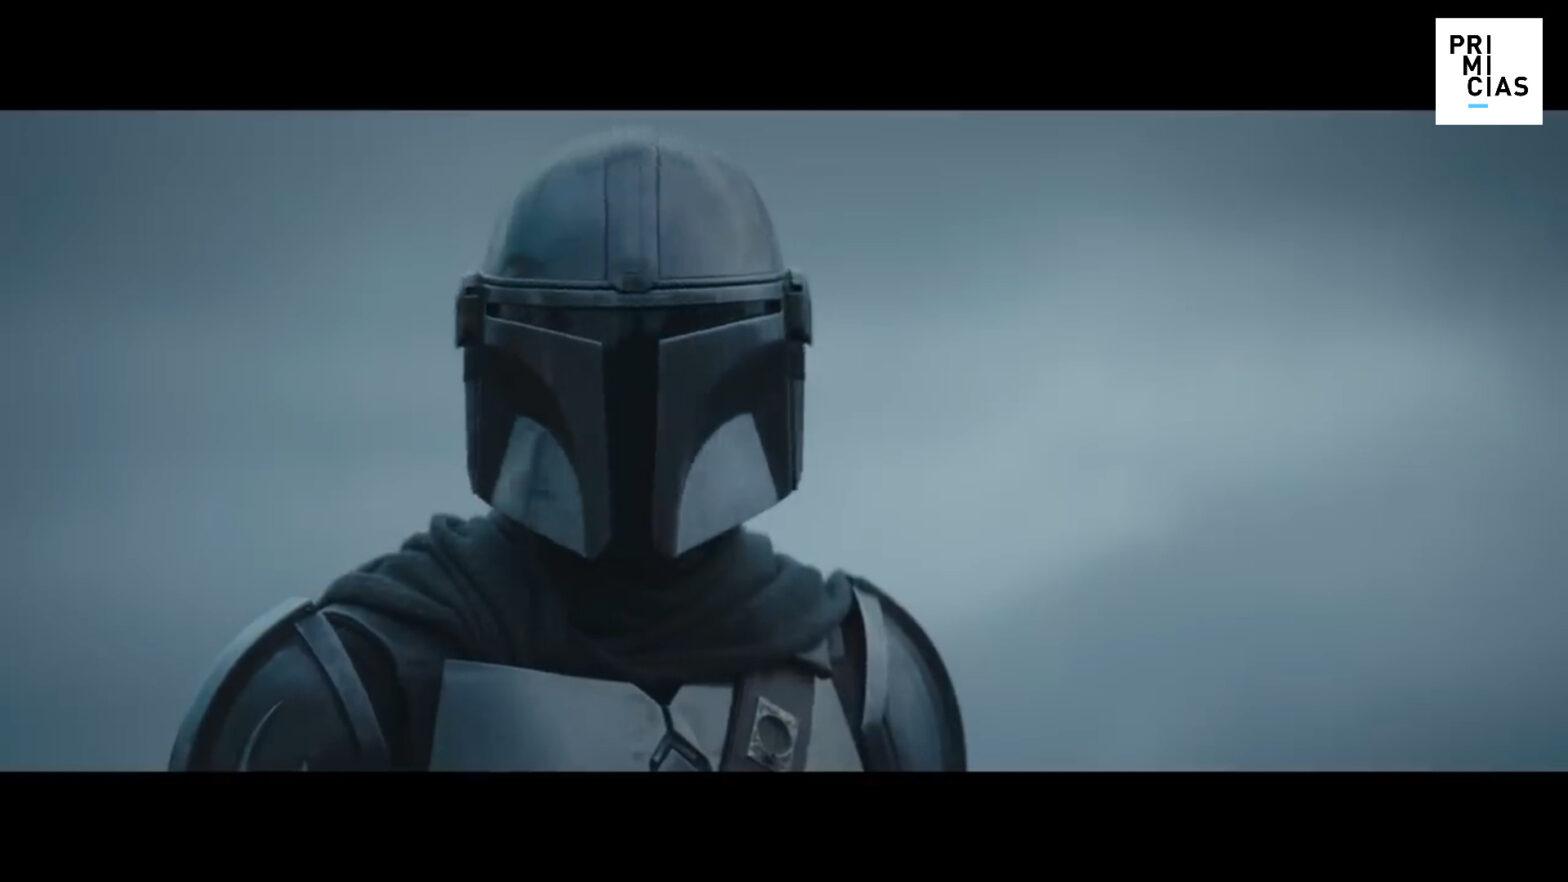 El chileno Pedro Pascal interpreta al personaje central de la serie, que casi nunca se saca el casco.